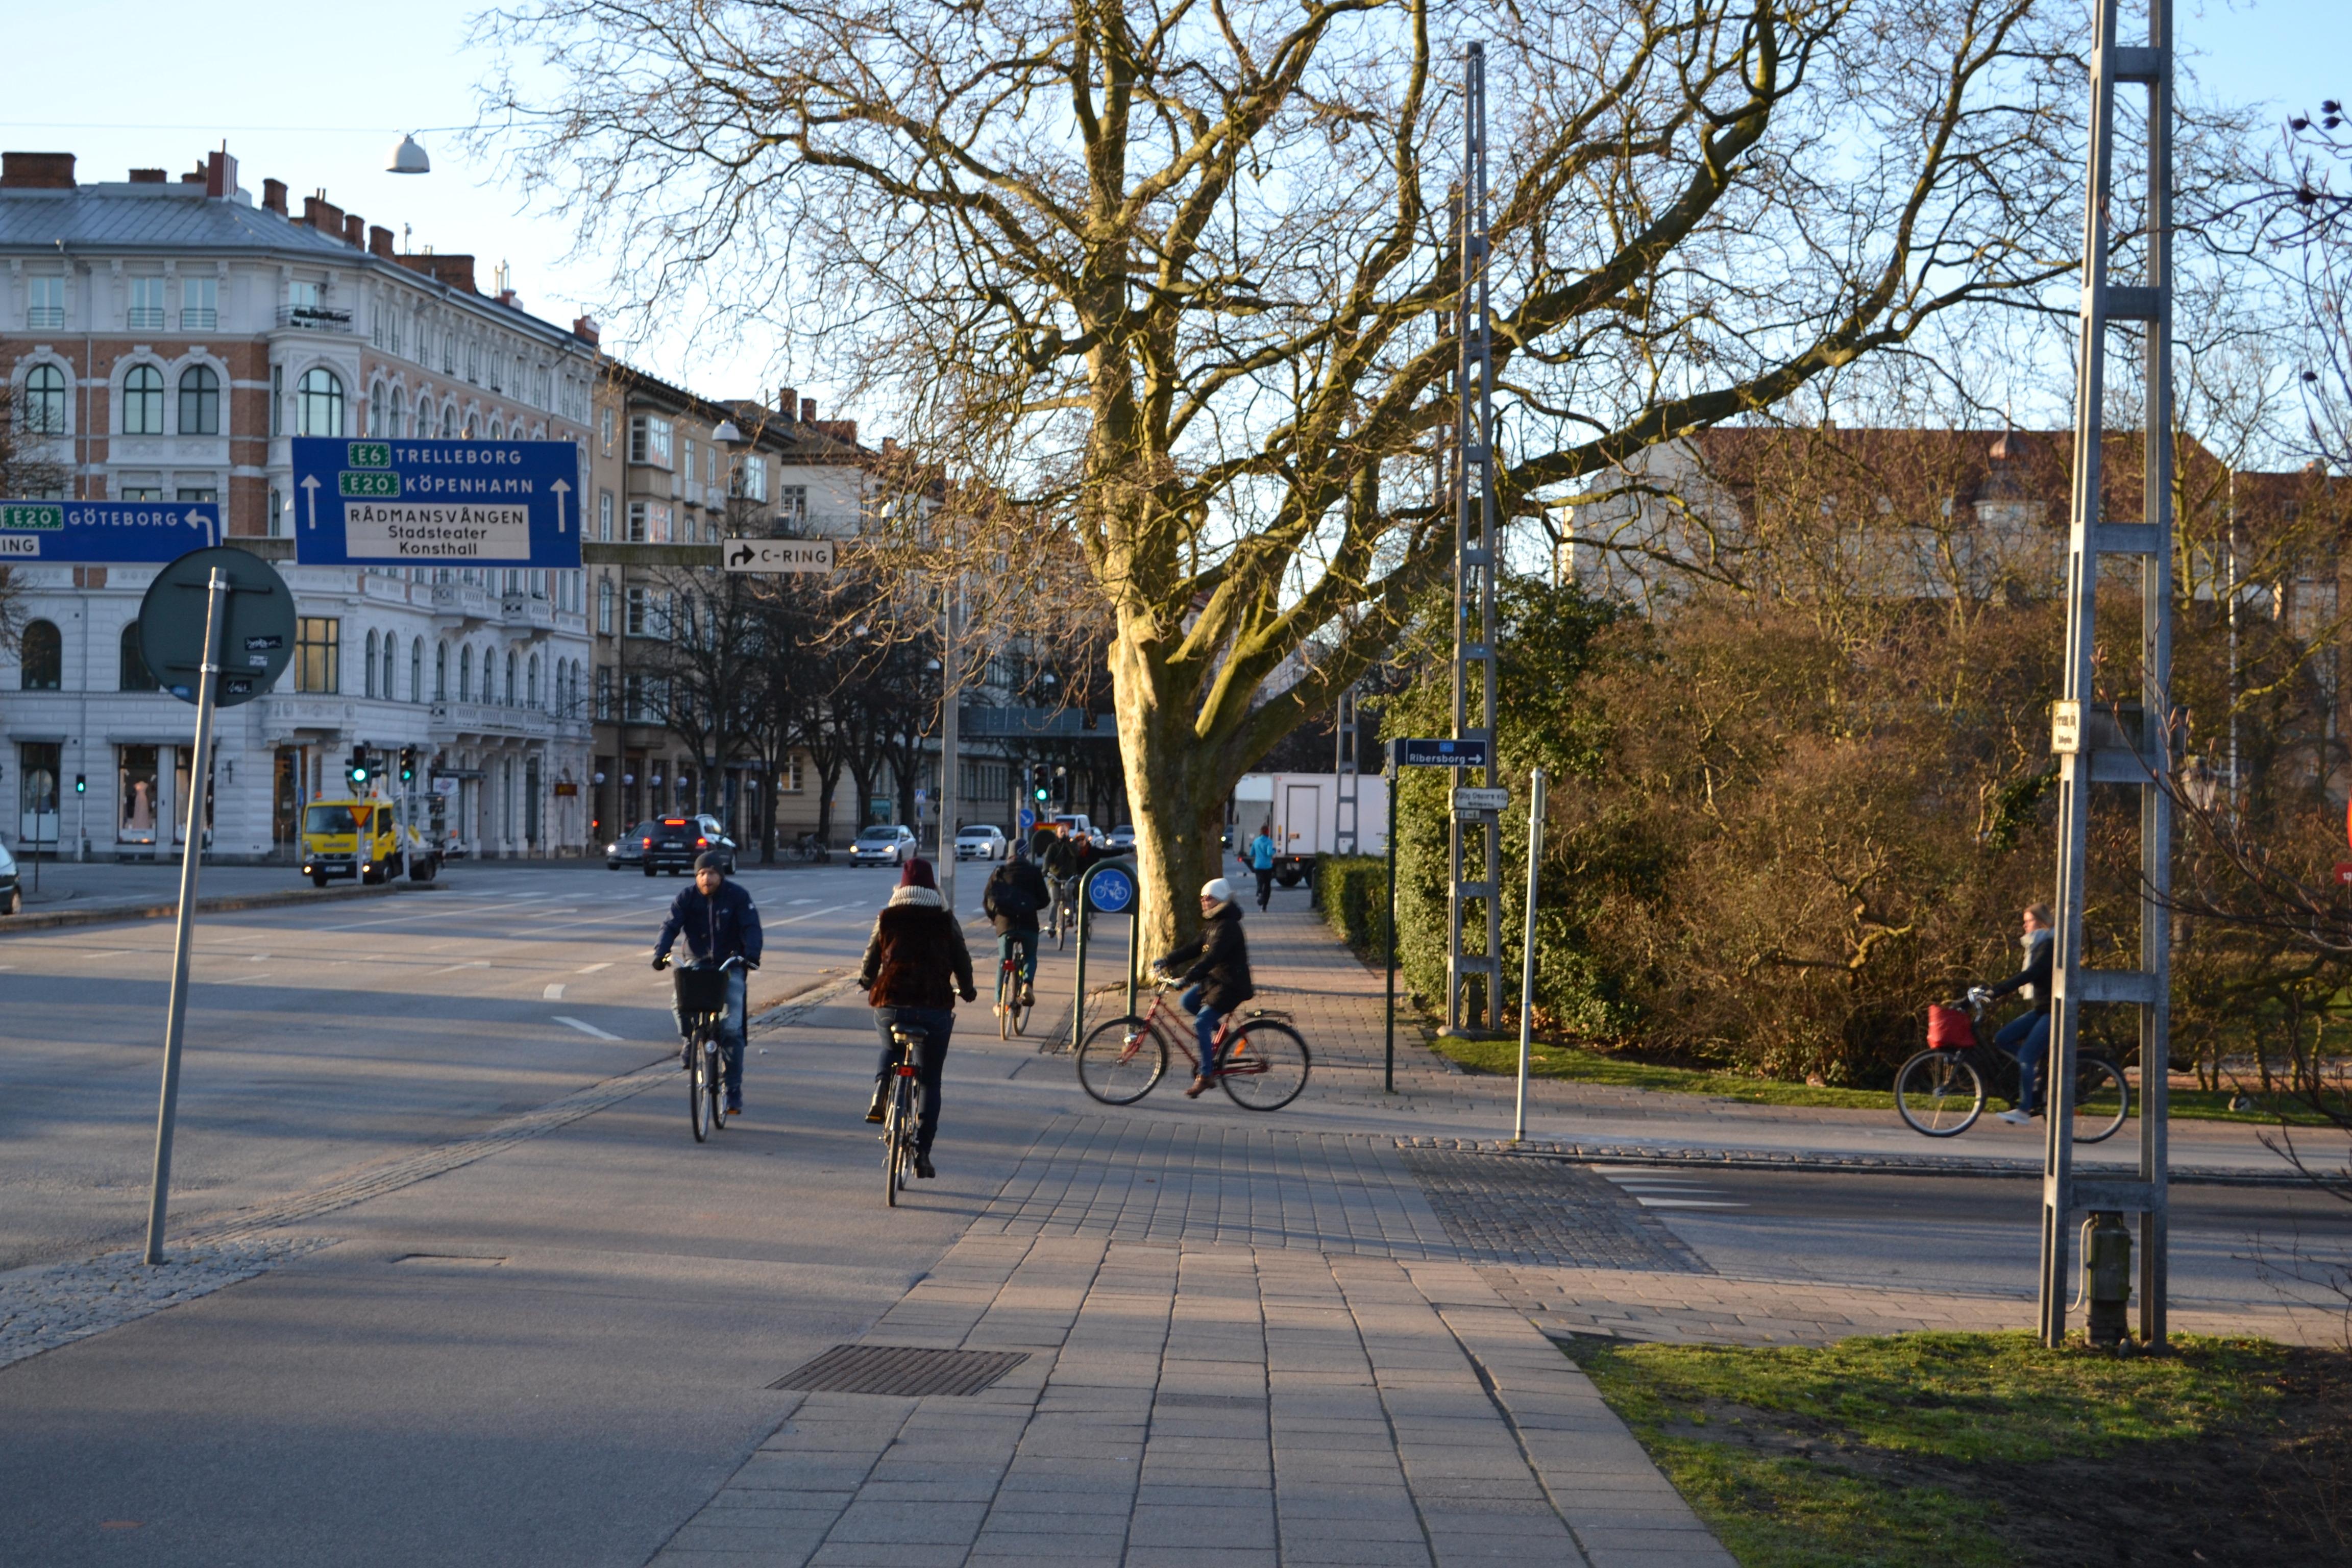 Cykelpassage